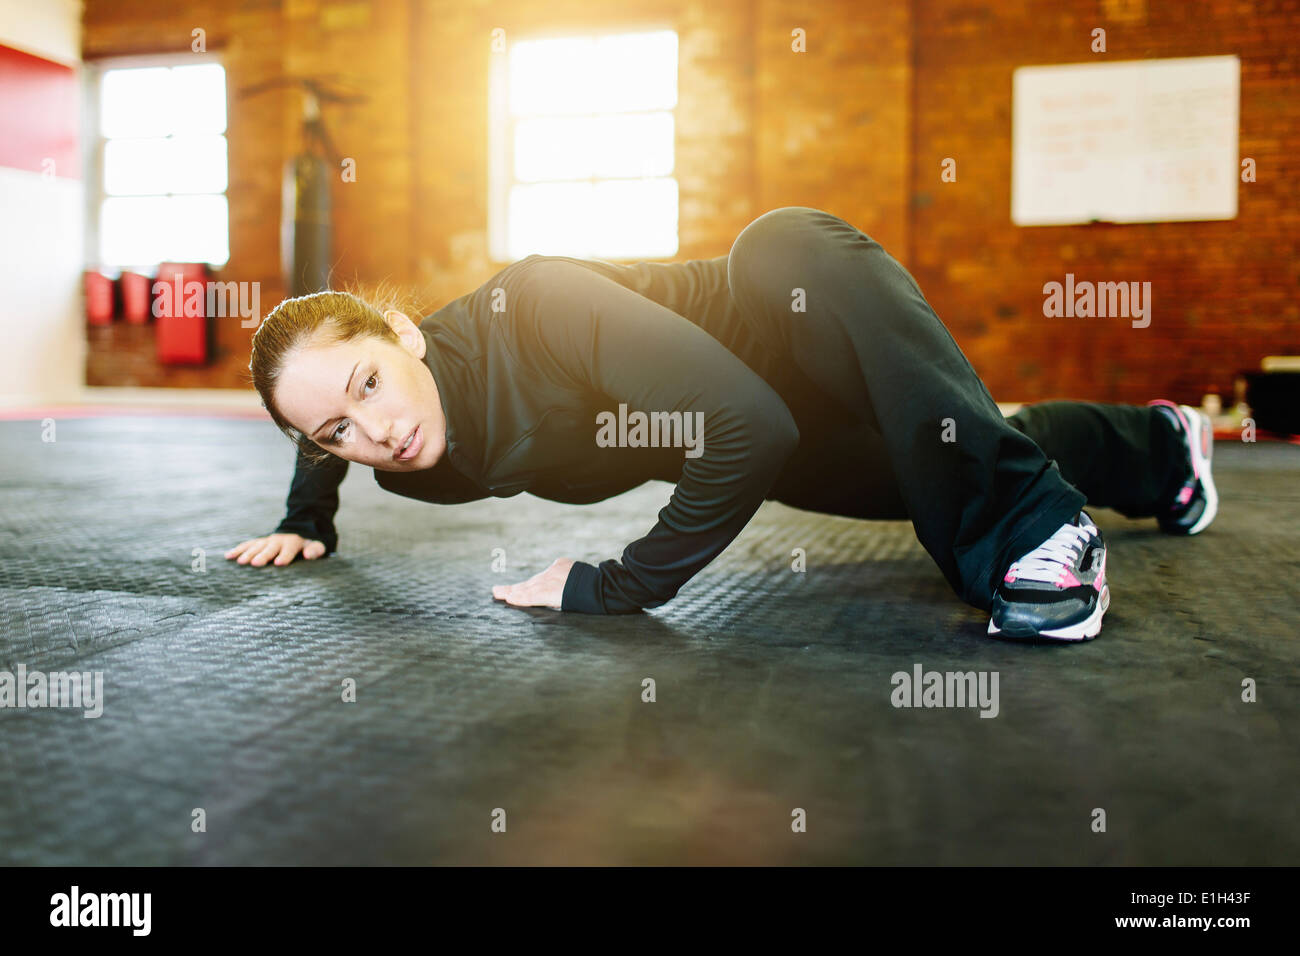 Mujer haciendo ejercicio de estiramiento en el gimnasio Imagen De Stock